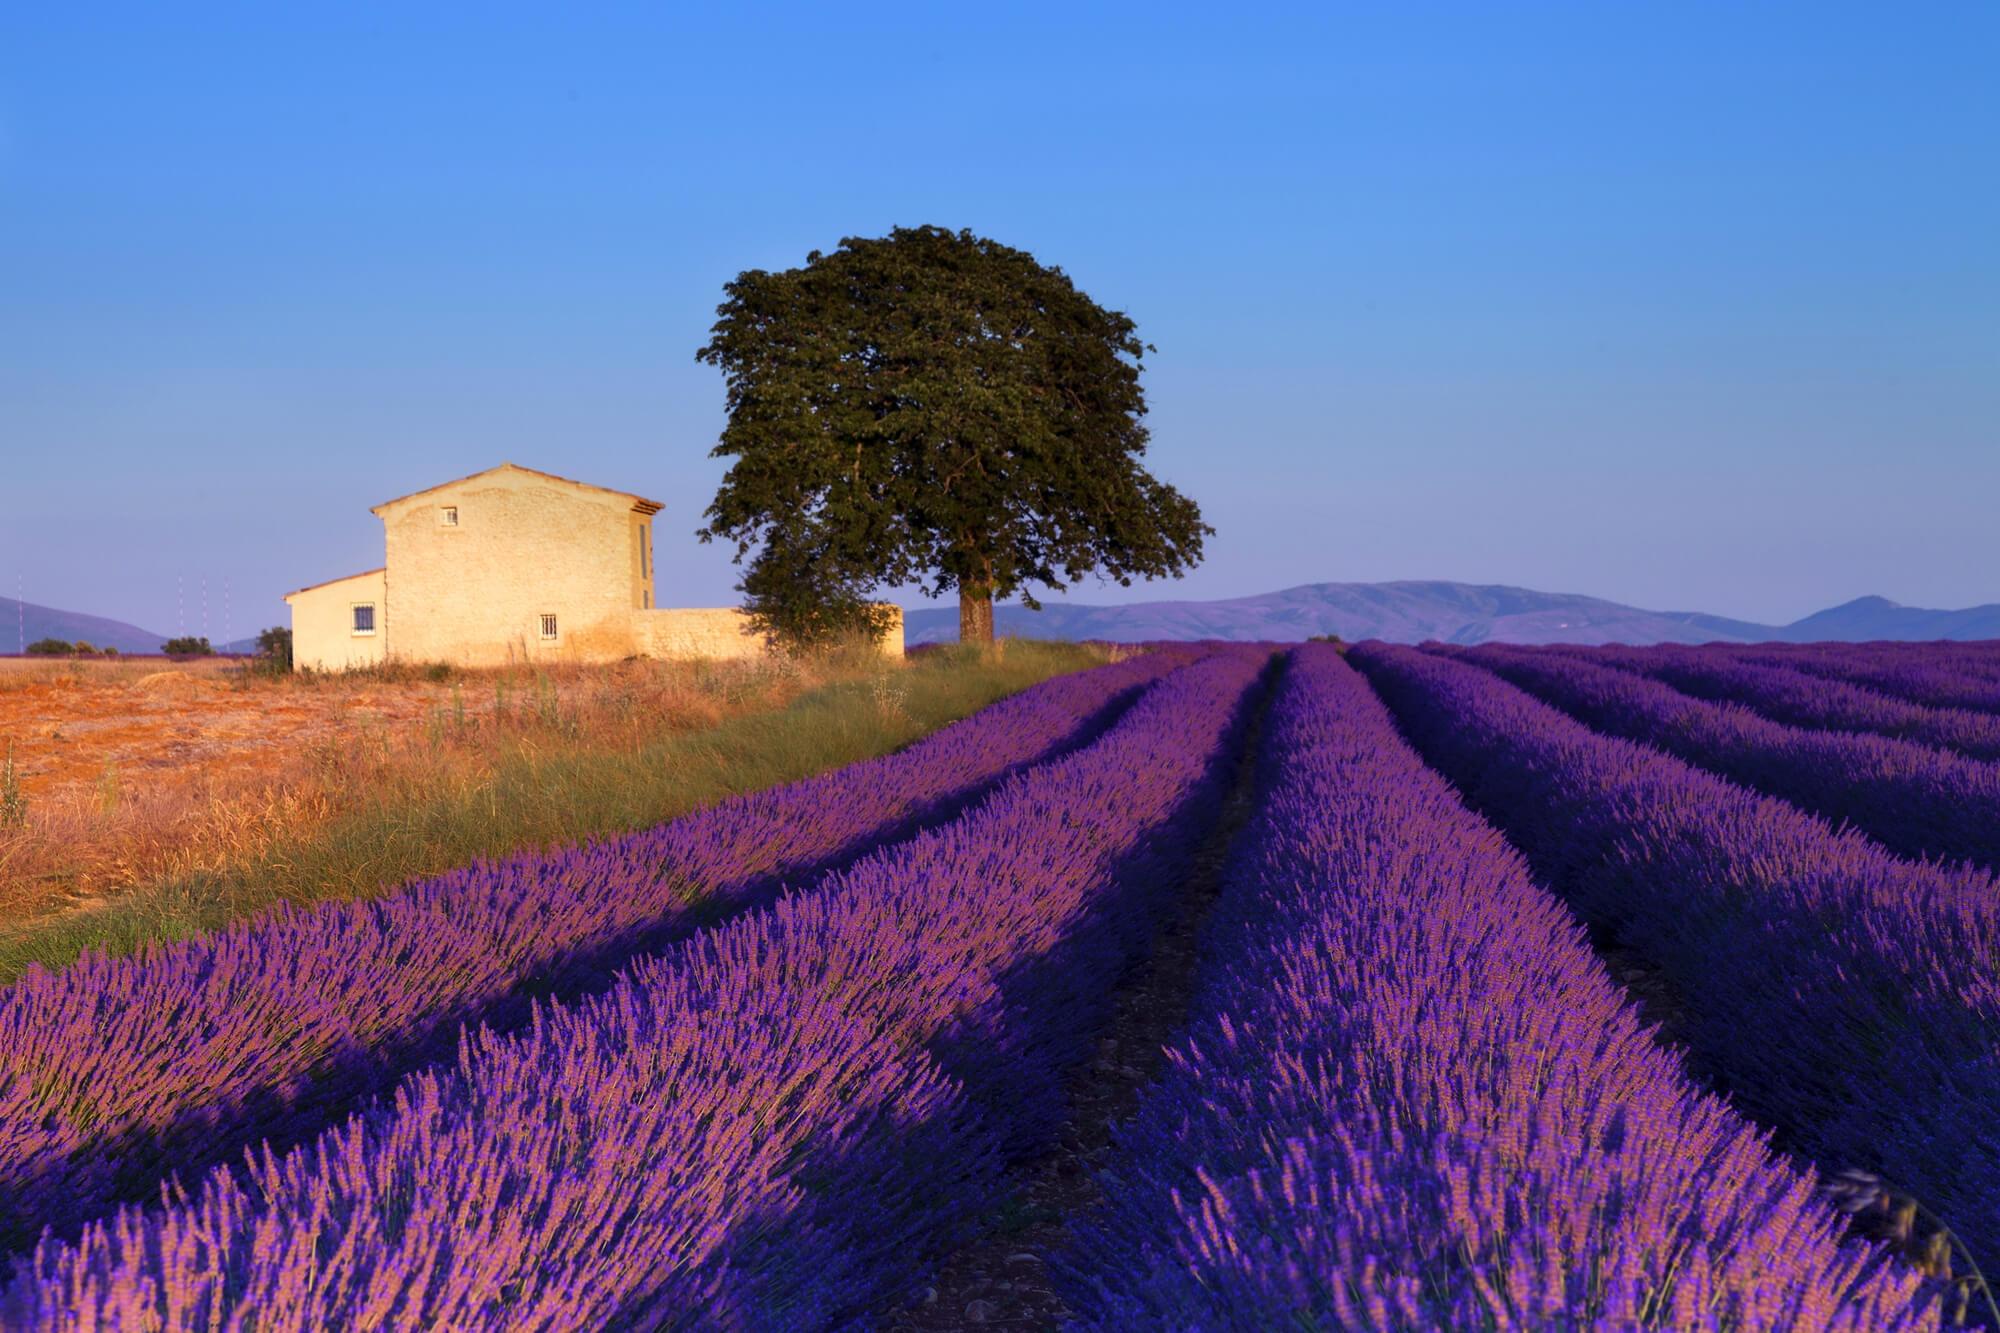 Produits de Provence en Savoie à Aix-les-Bains : Produits cosmétiques Aix-les-Bains : Les Univers de la beauté>